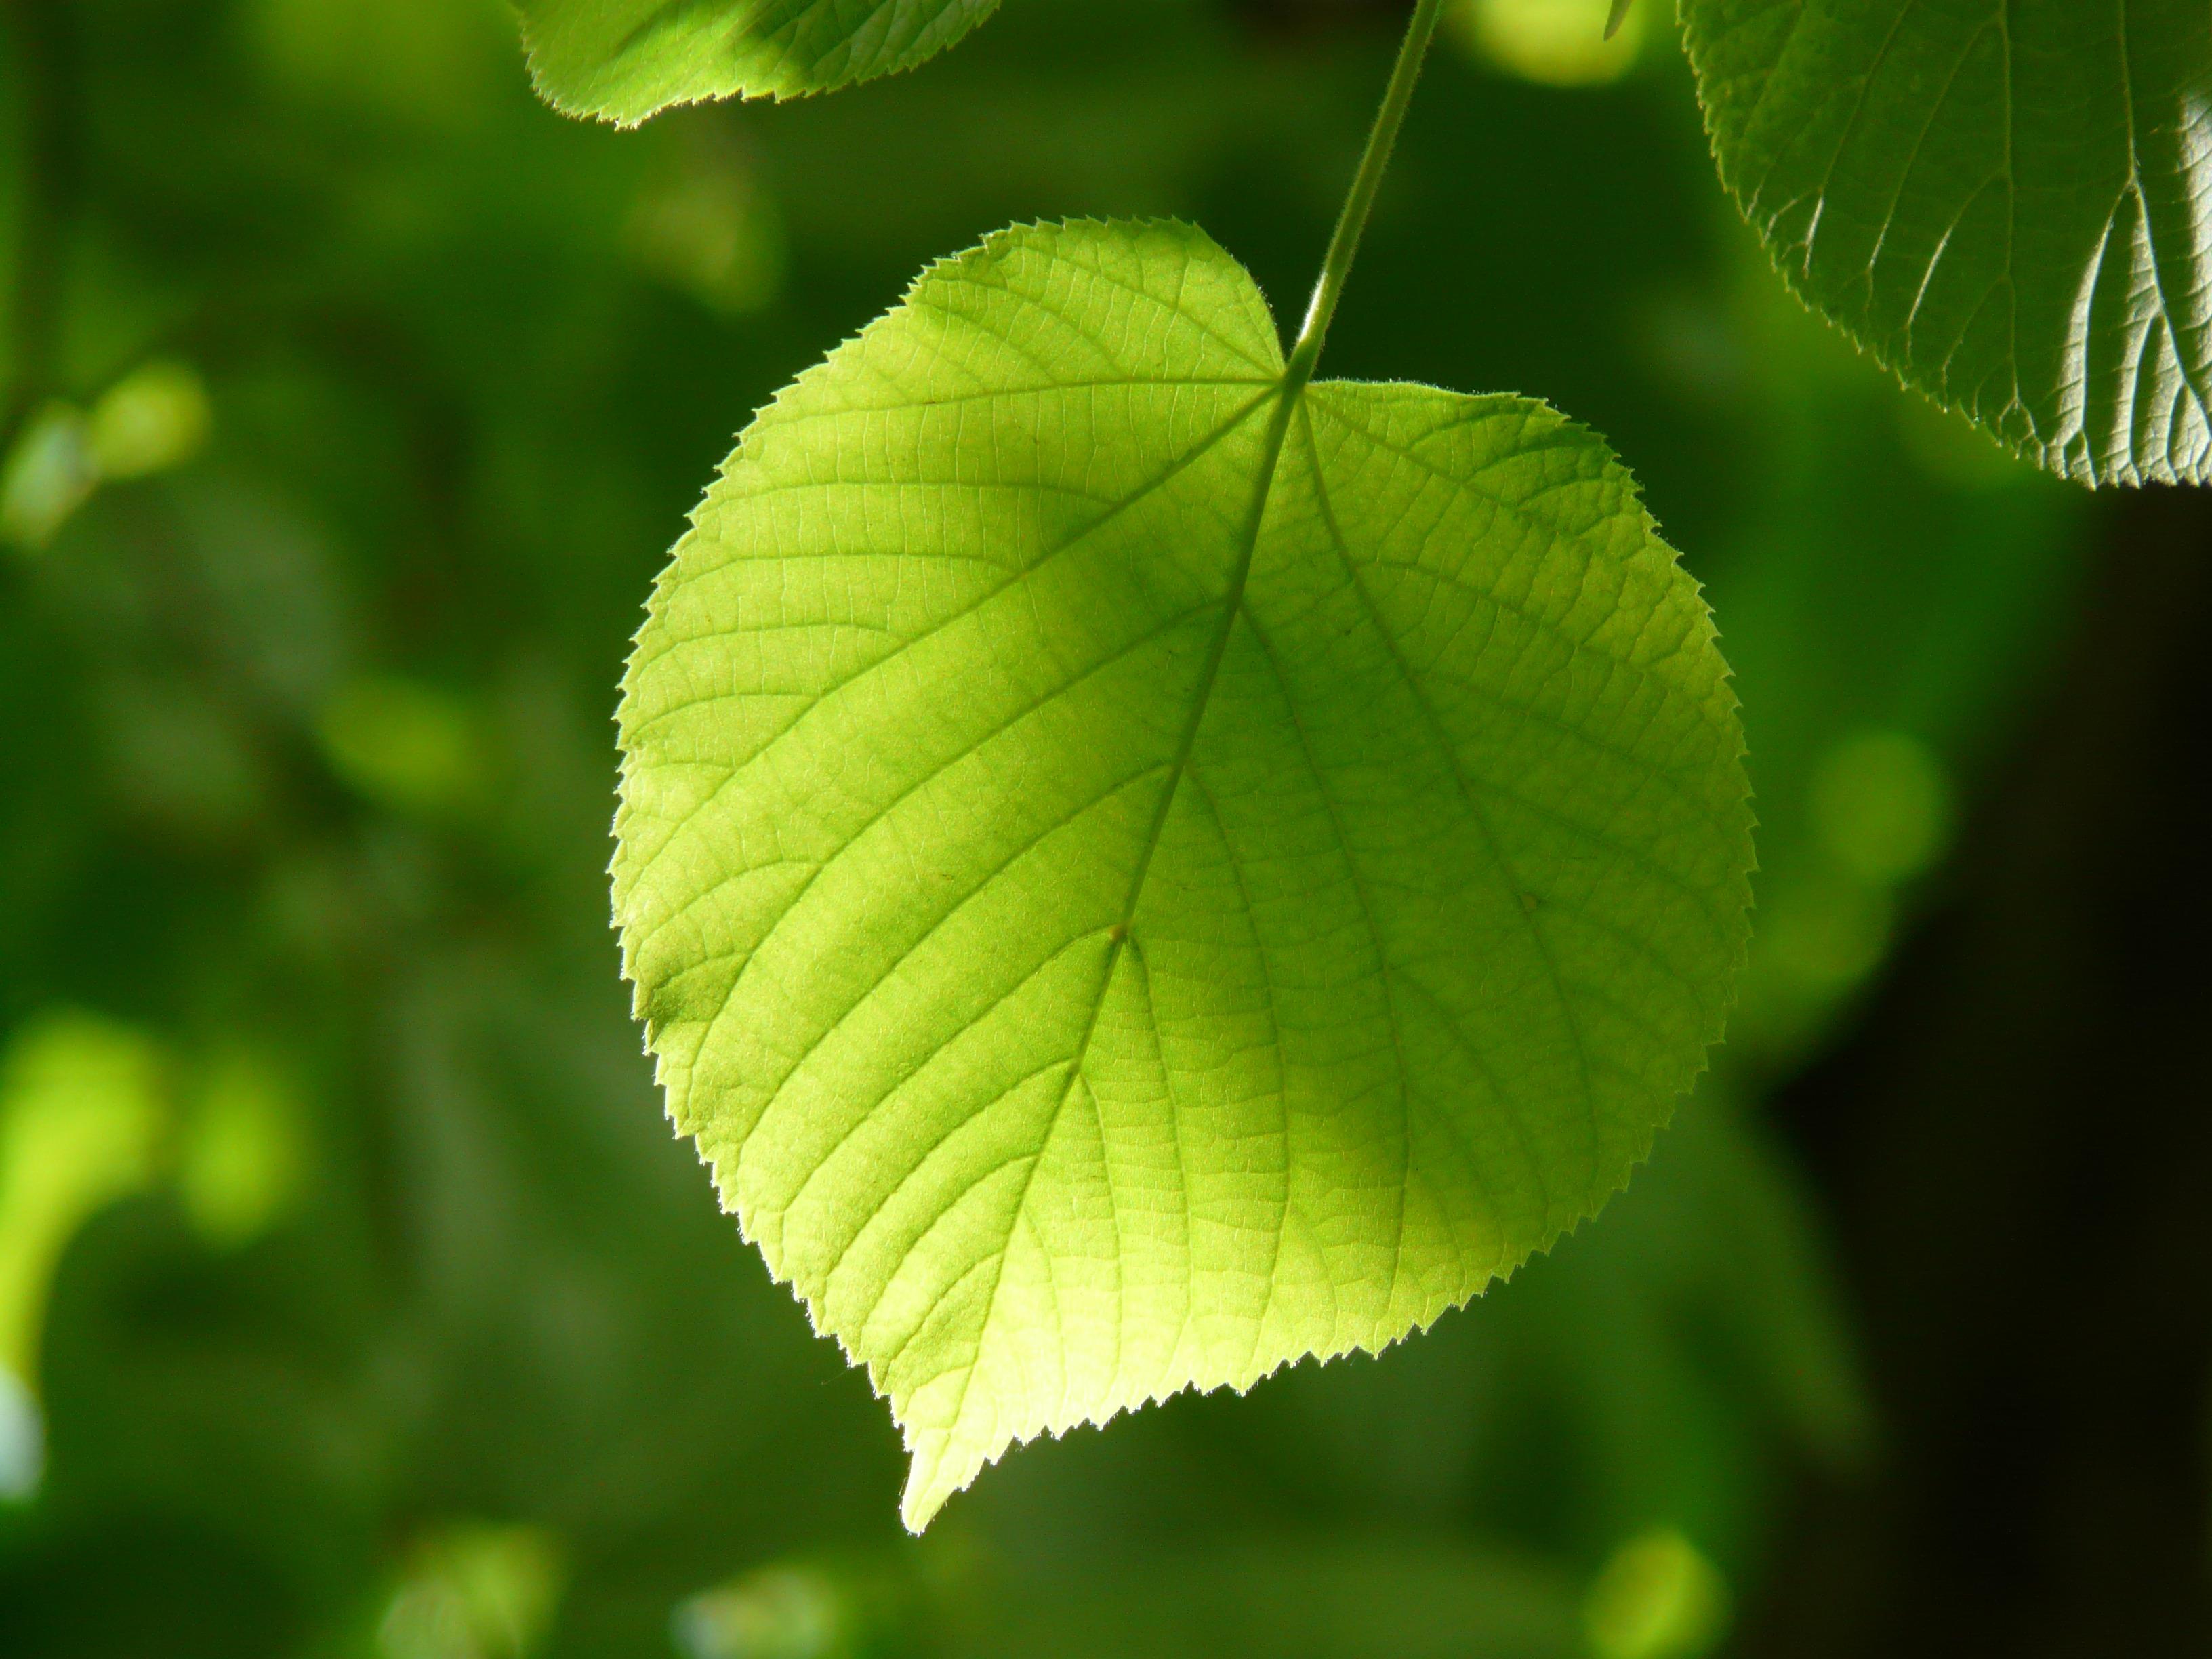 общественных местах листья липа в картинках катом несколько